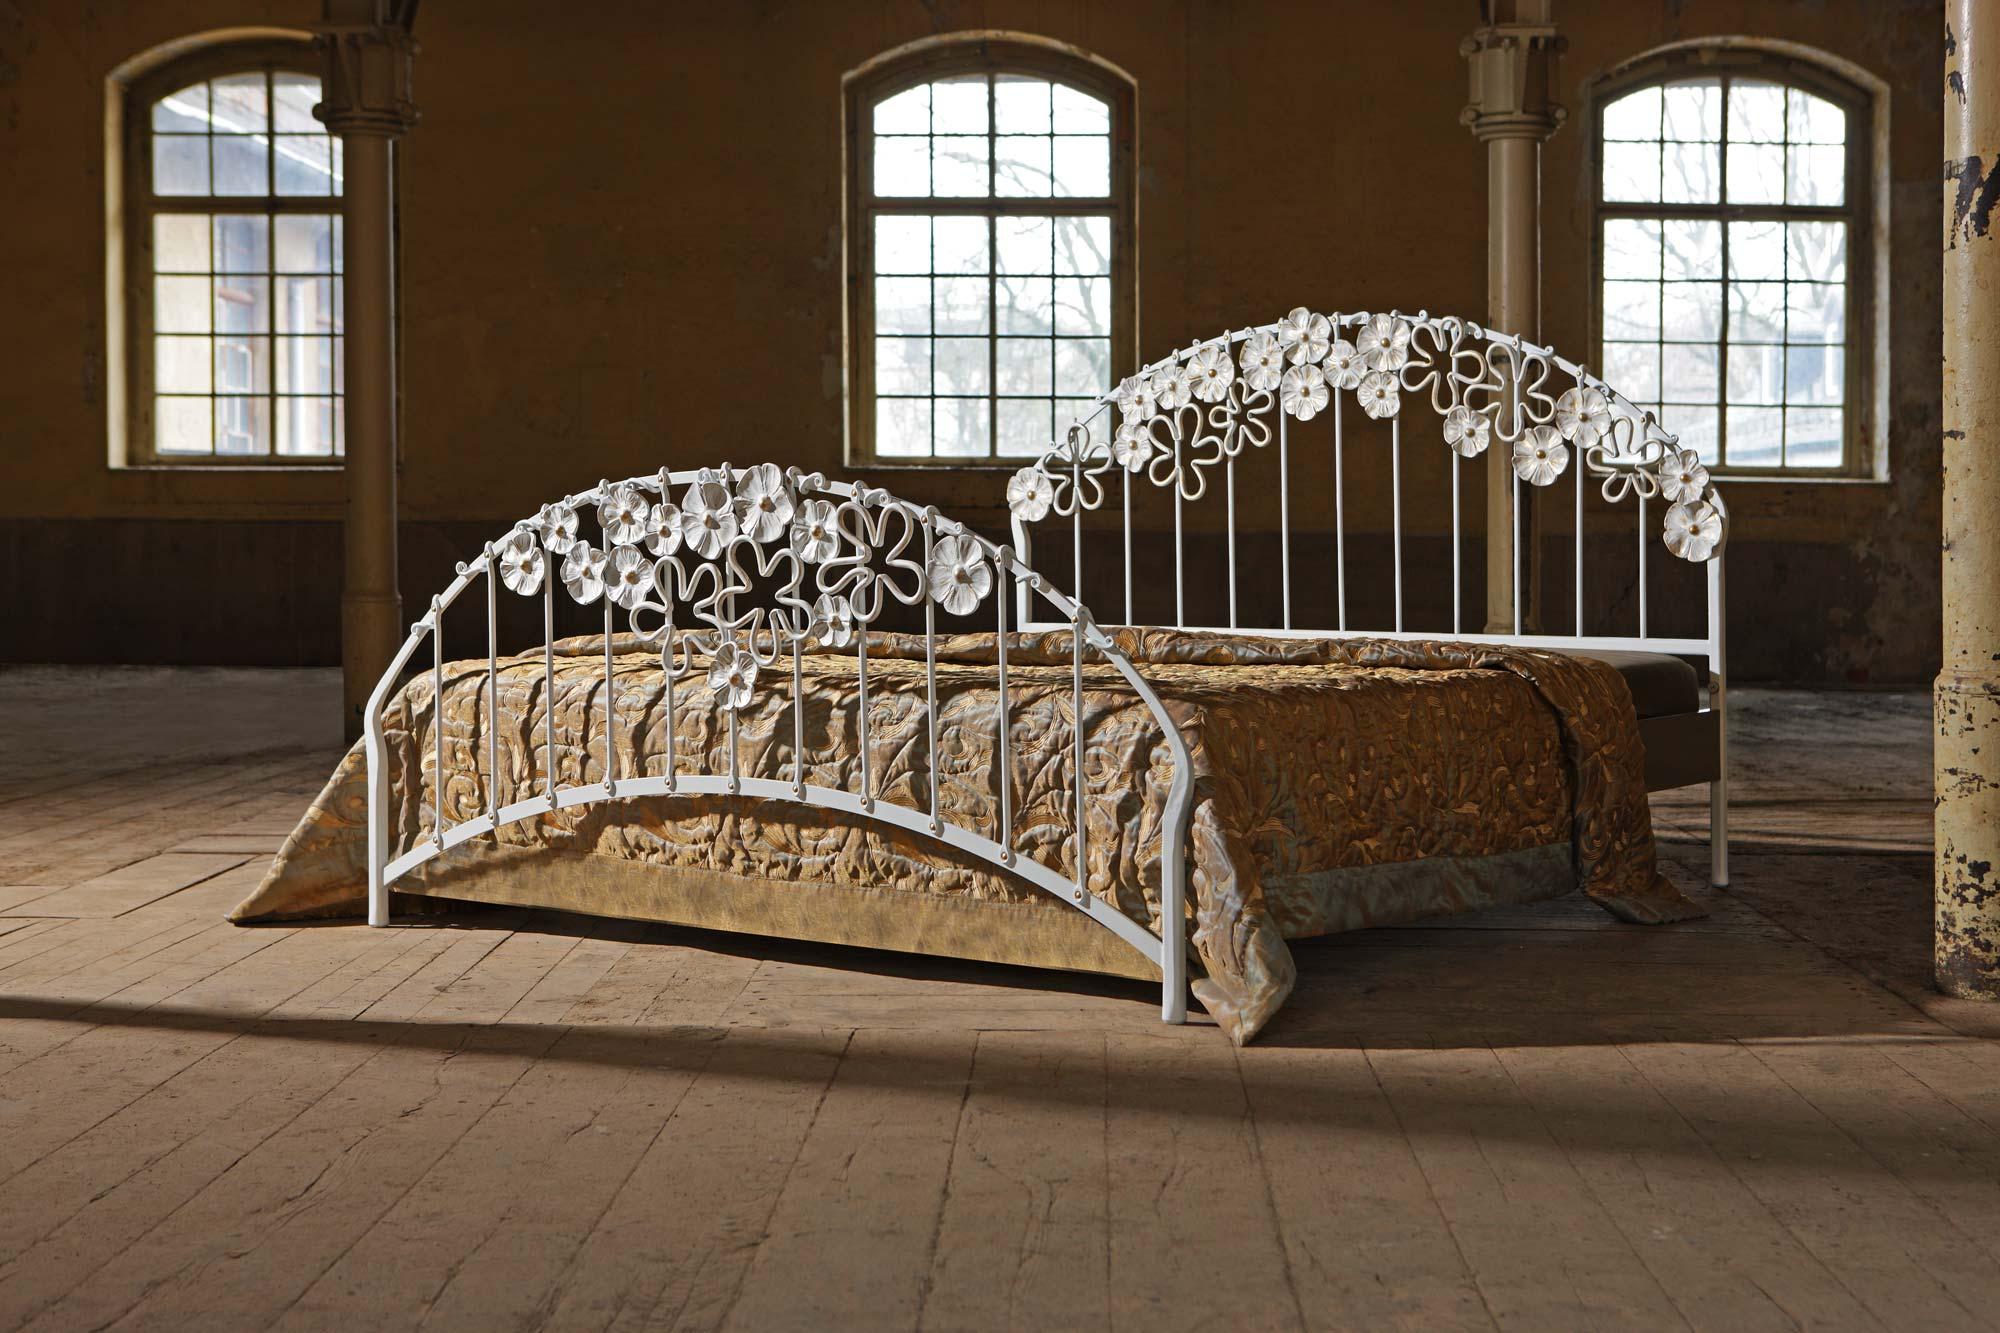 metallbett emilia leichtigkeit des individuellen designs. Black Bedroom Furniture Sets. Home Design Ideas